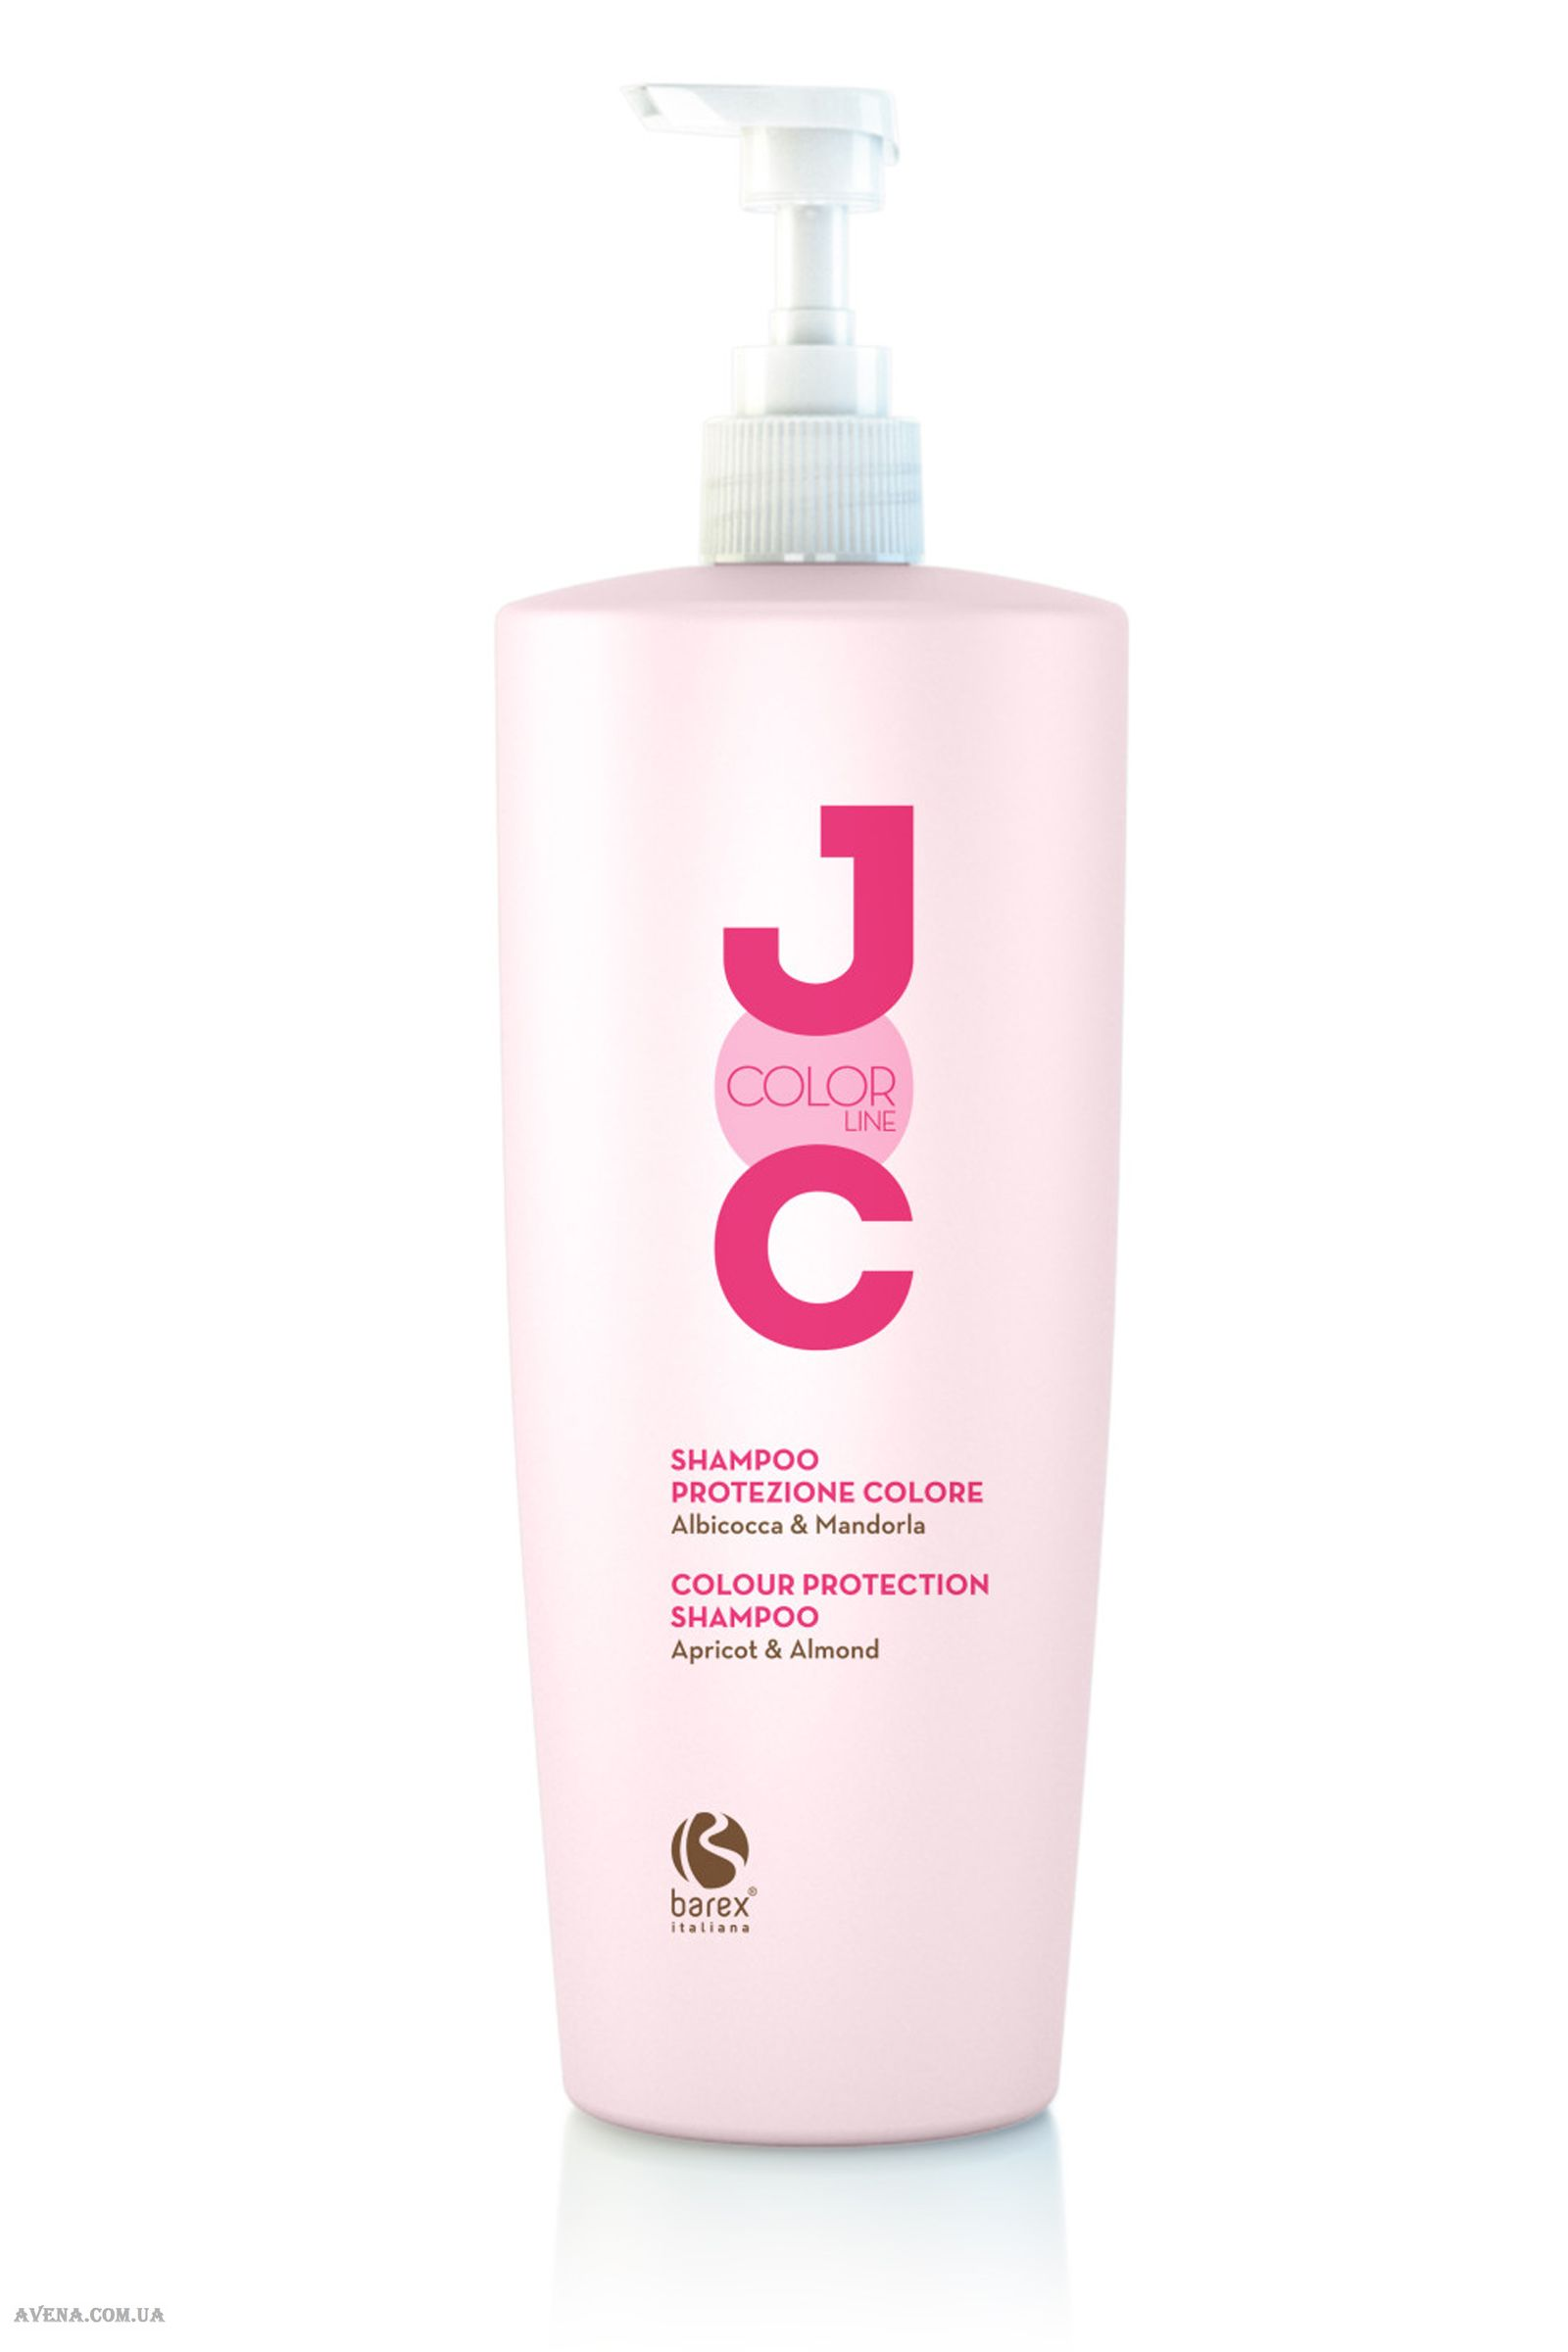 Профессиональная косметика для волос barex купить косметика эколаб купить москва